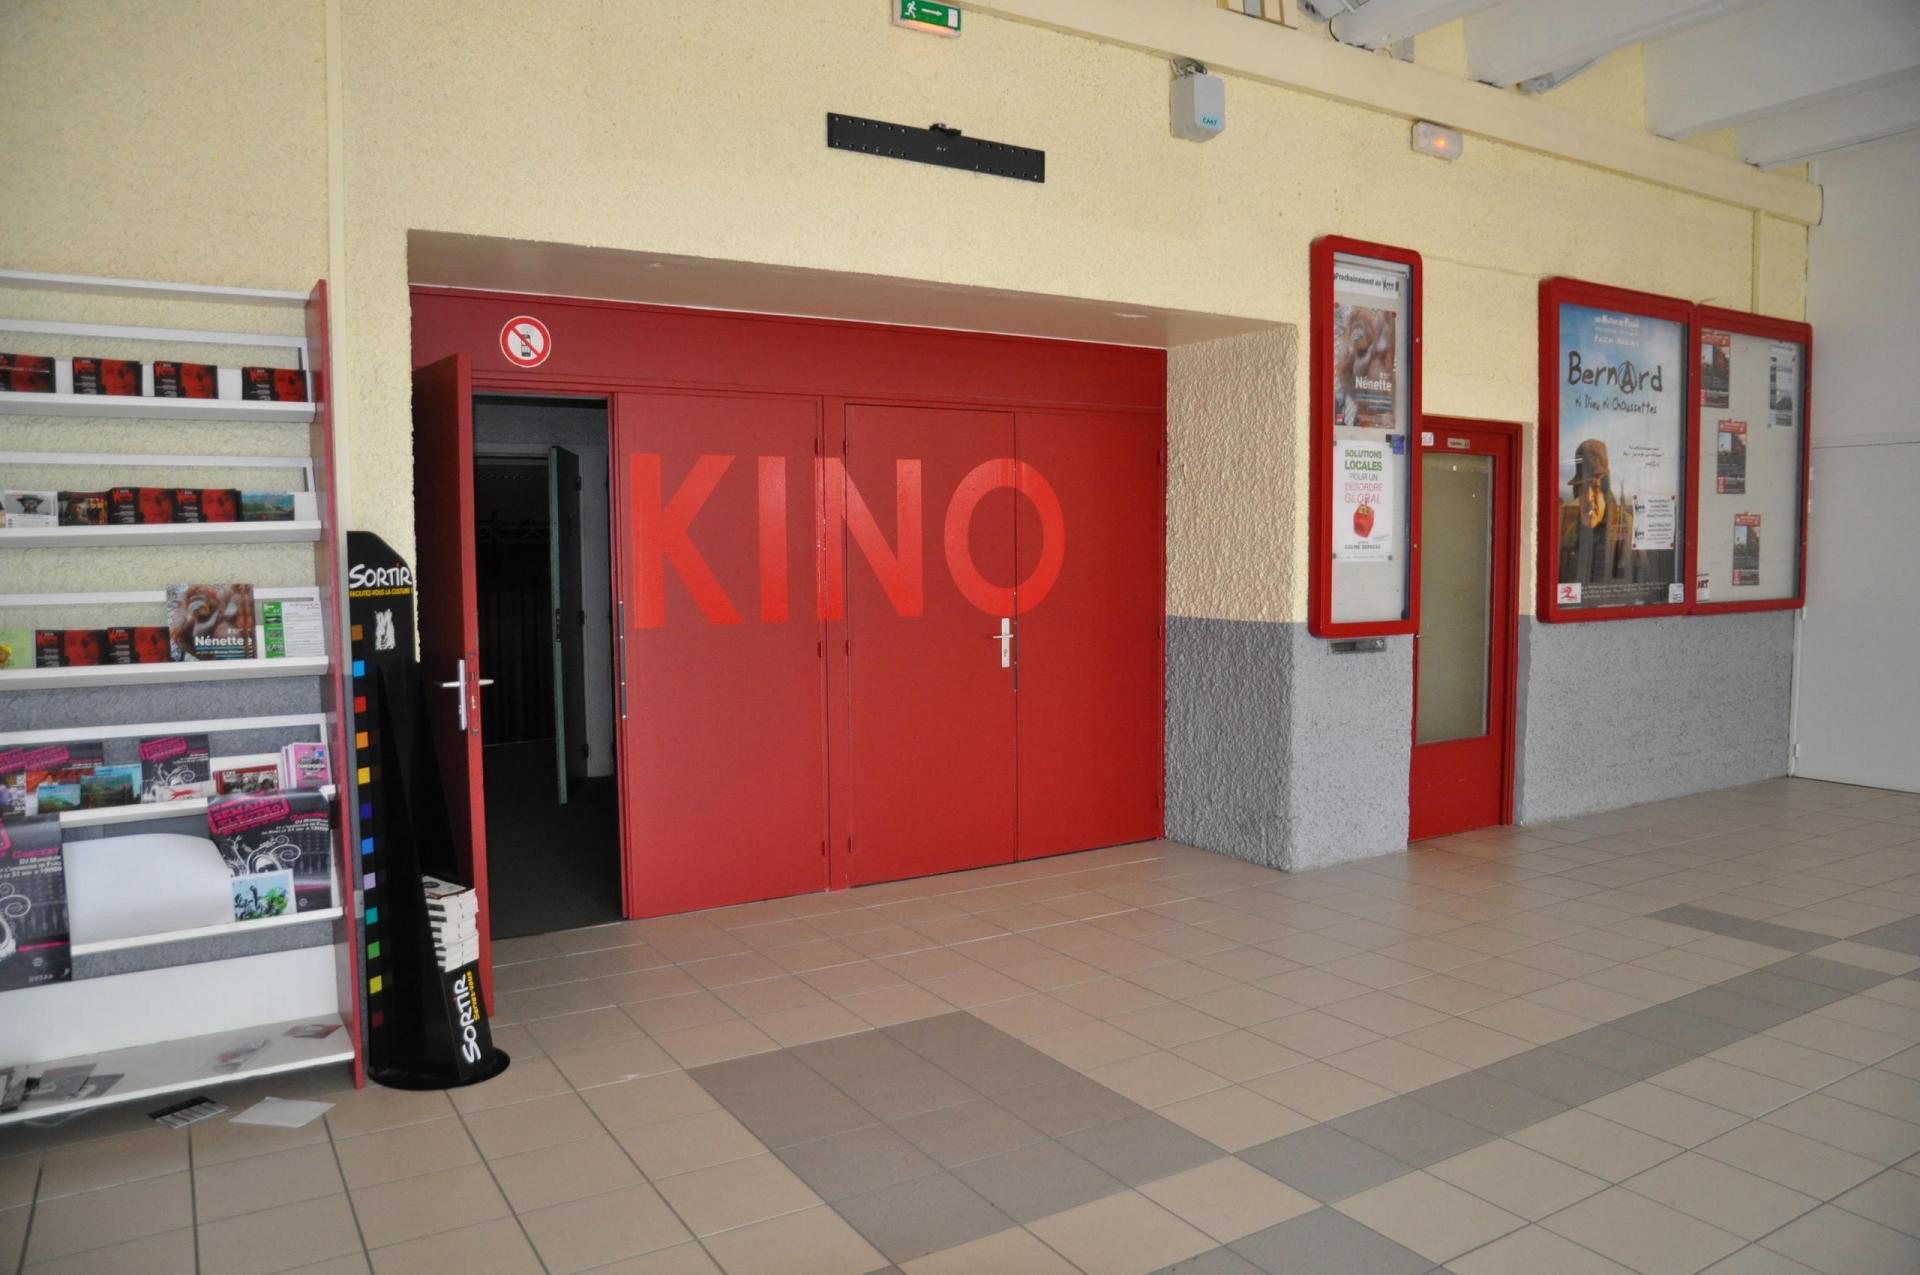 l'entrée du kino ciné avec des portes rouges